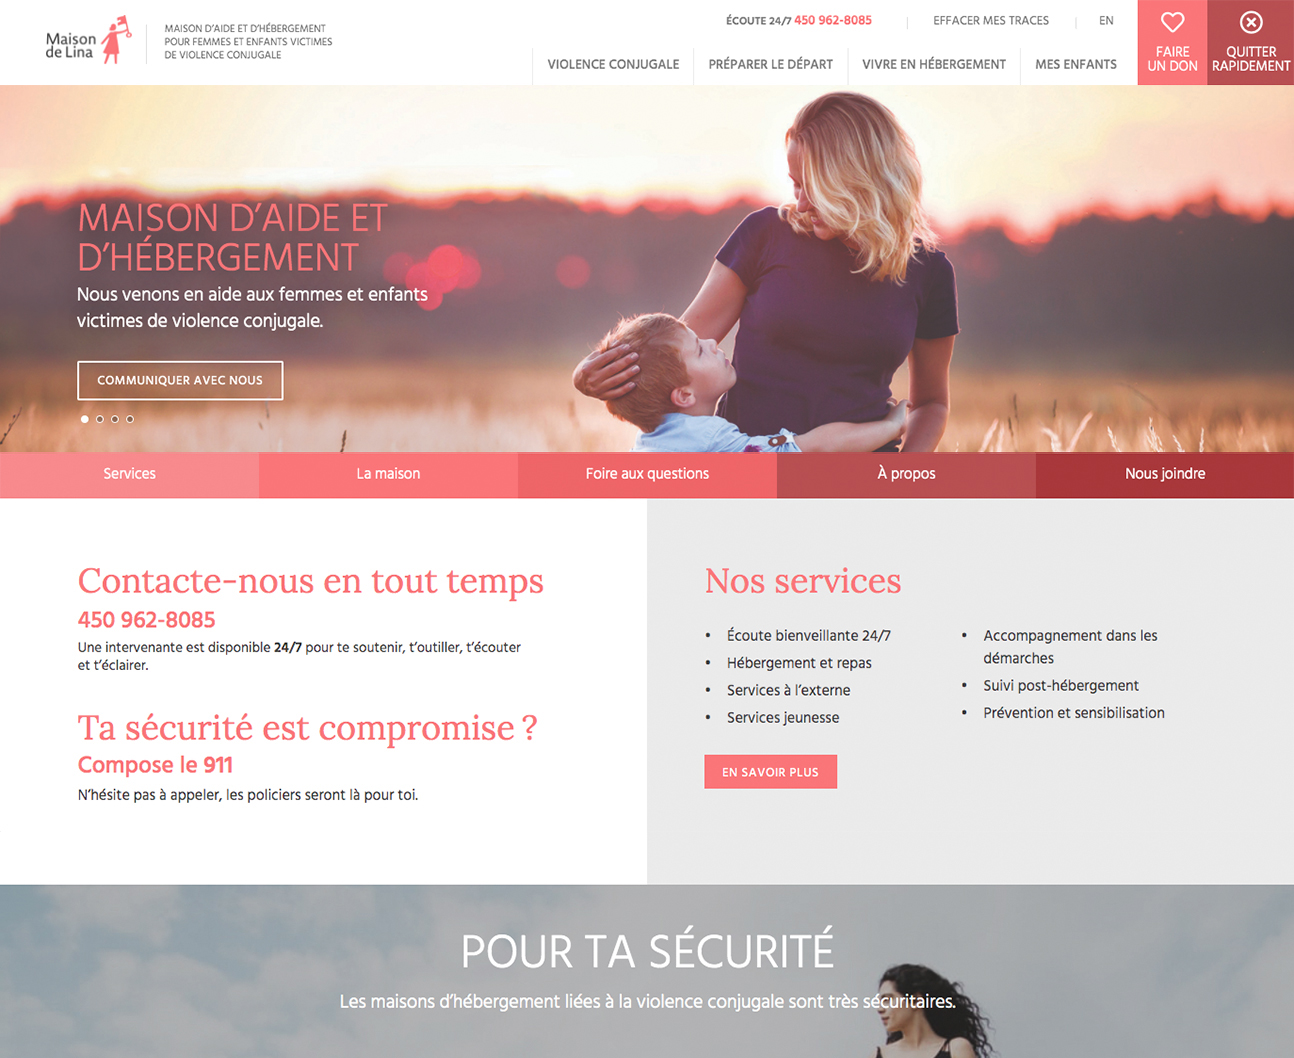 maisondelina-website-new